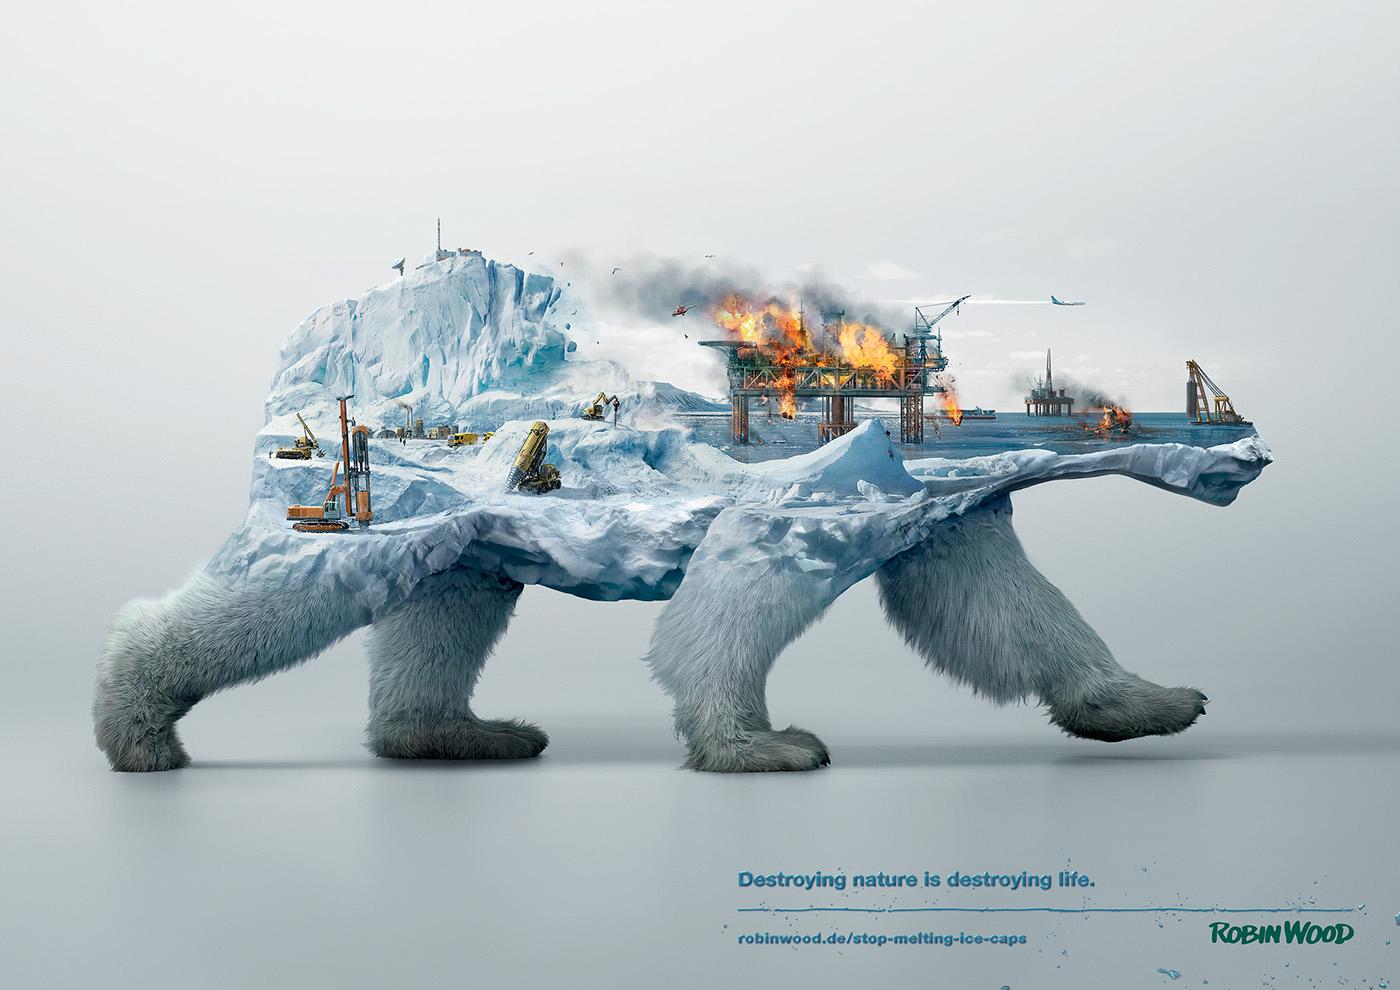 Détruire la nature, c'est nous détruire